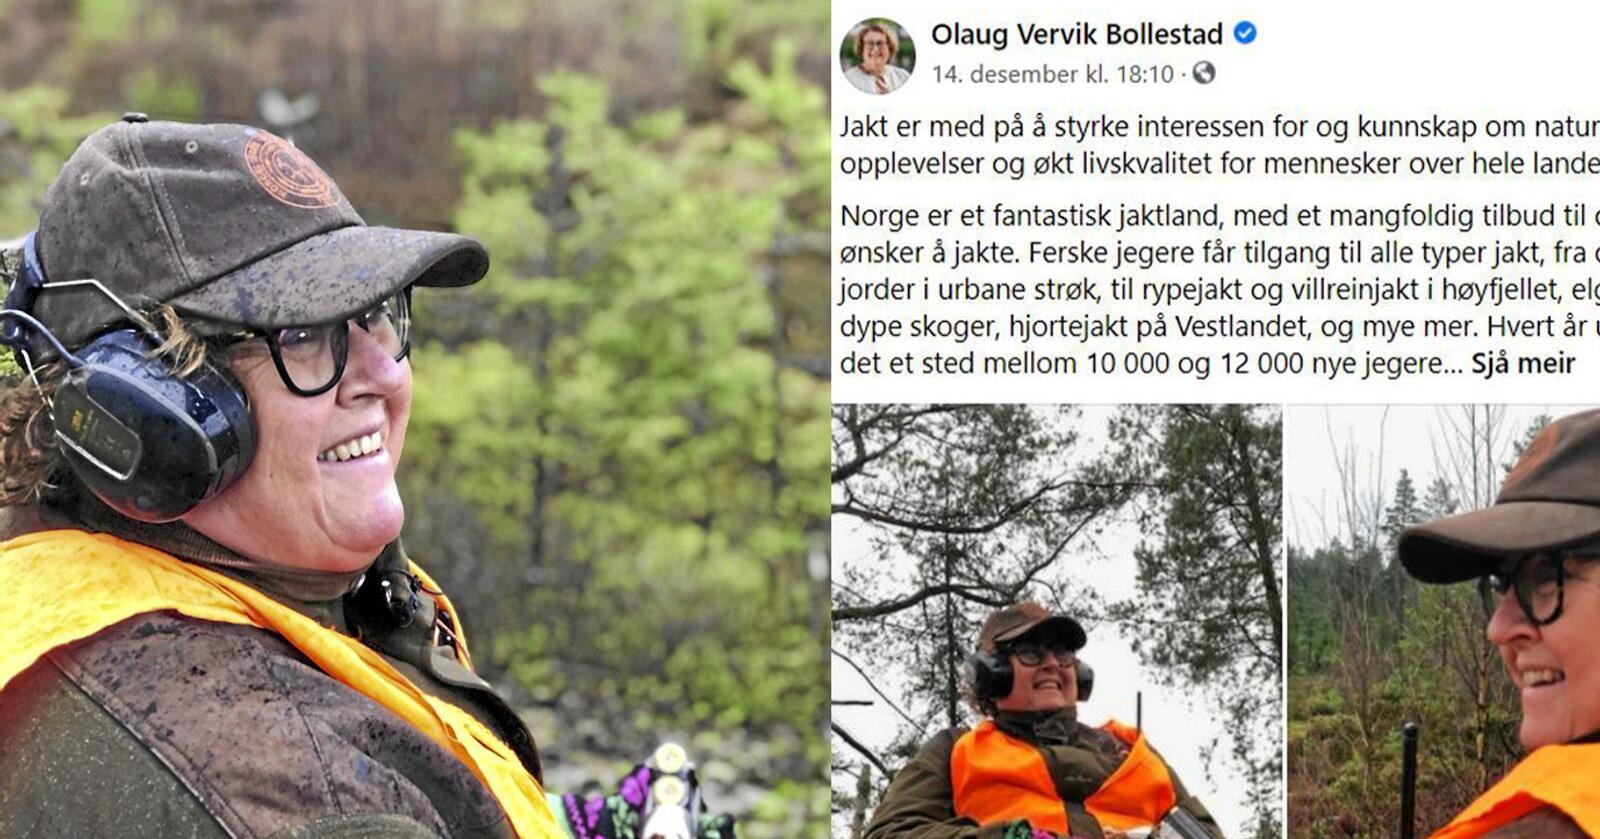 Olaug Bollestad blir kvalm å se stygge kommentarer i kommentarfeltet på sosiale medier. Foto: LMD og Skjermdump / Facebook